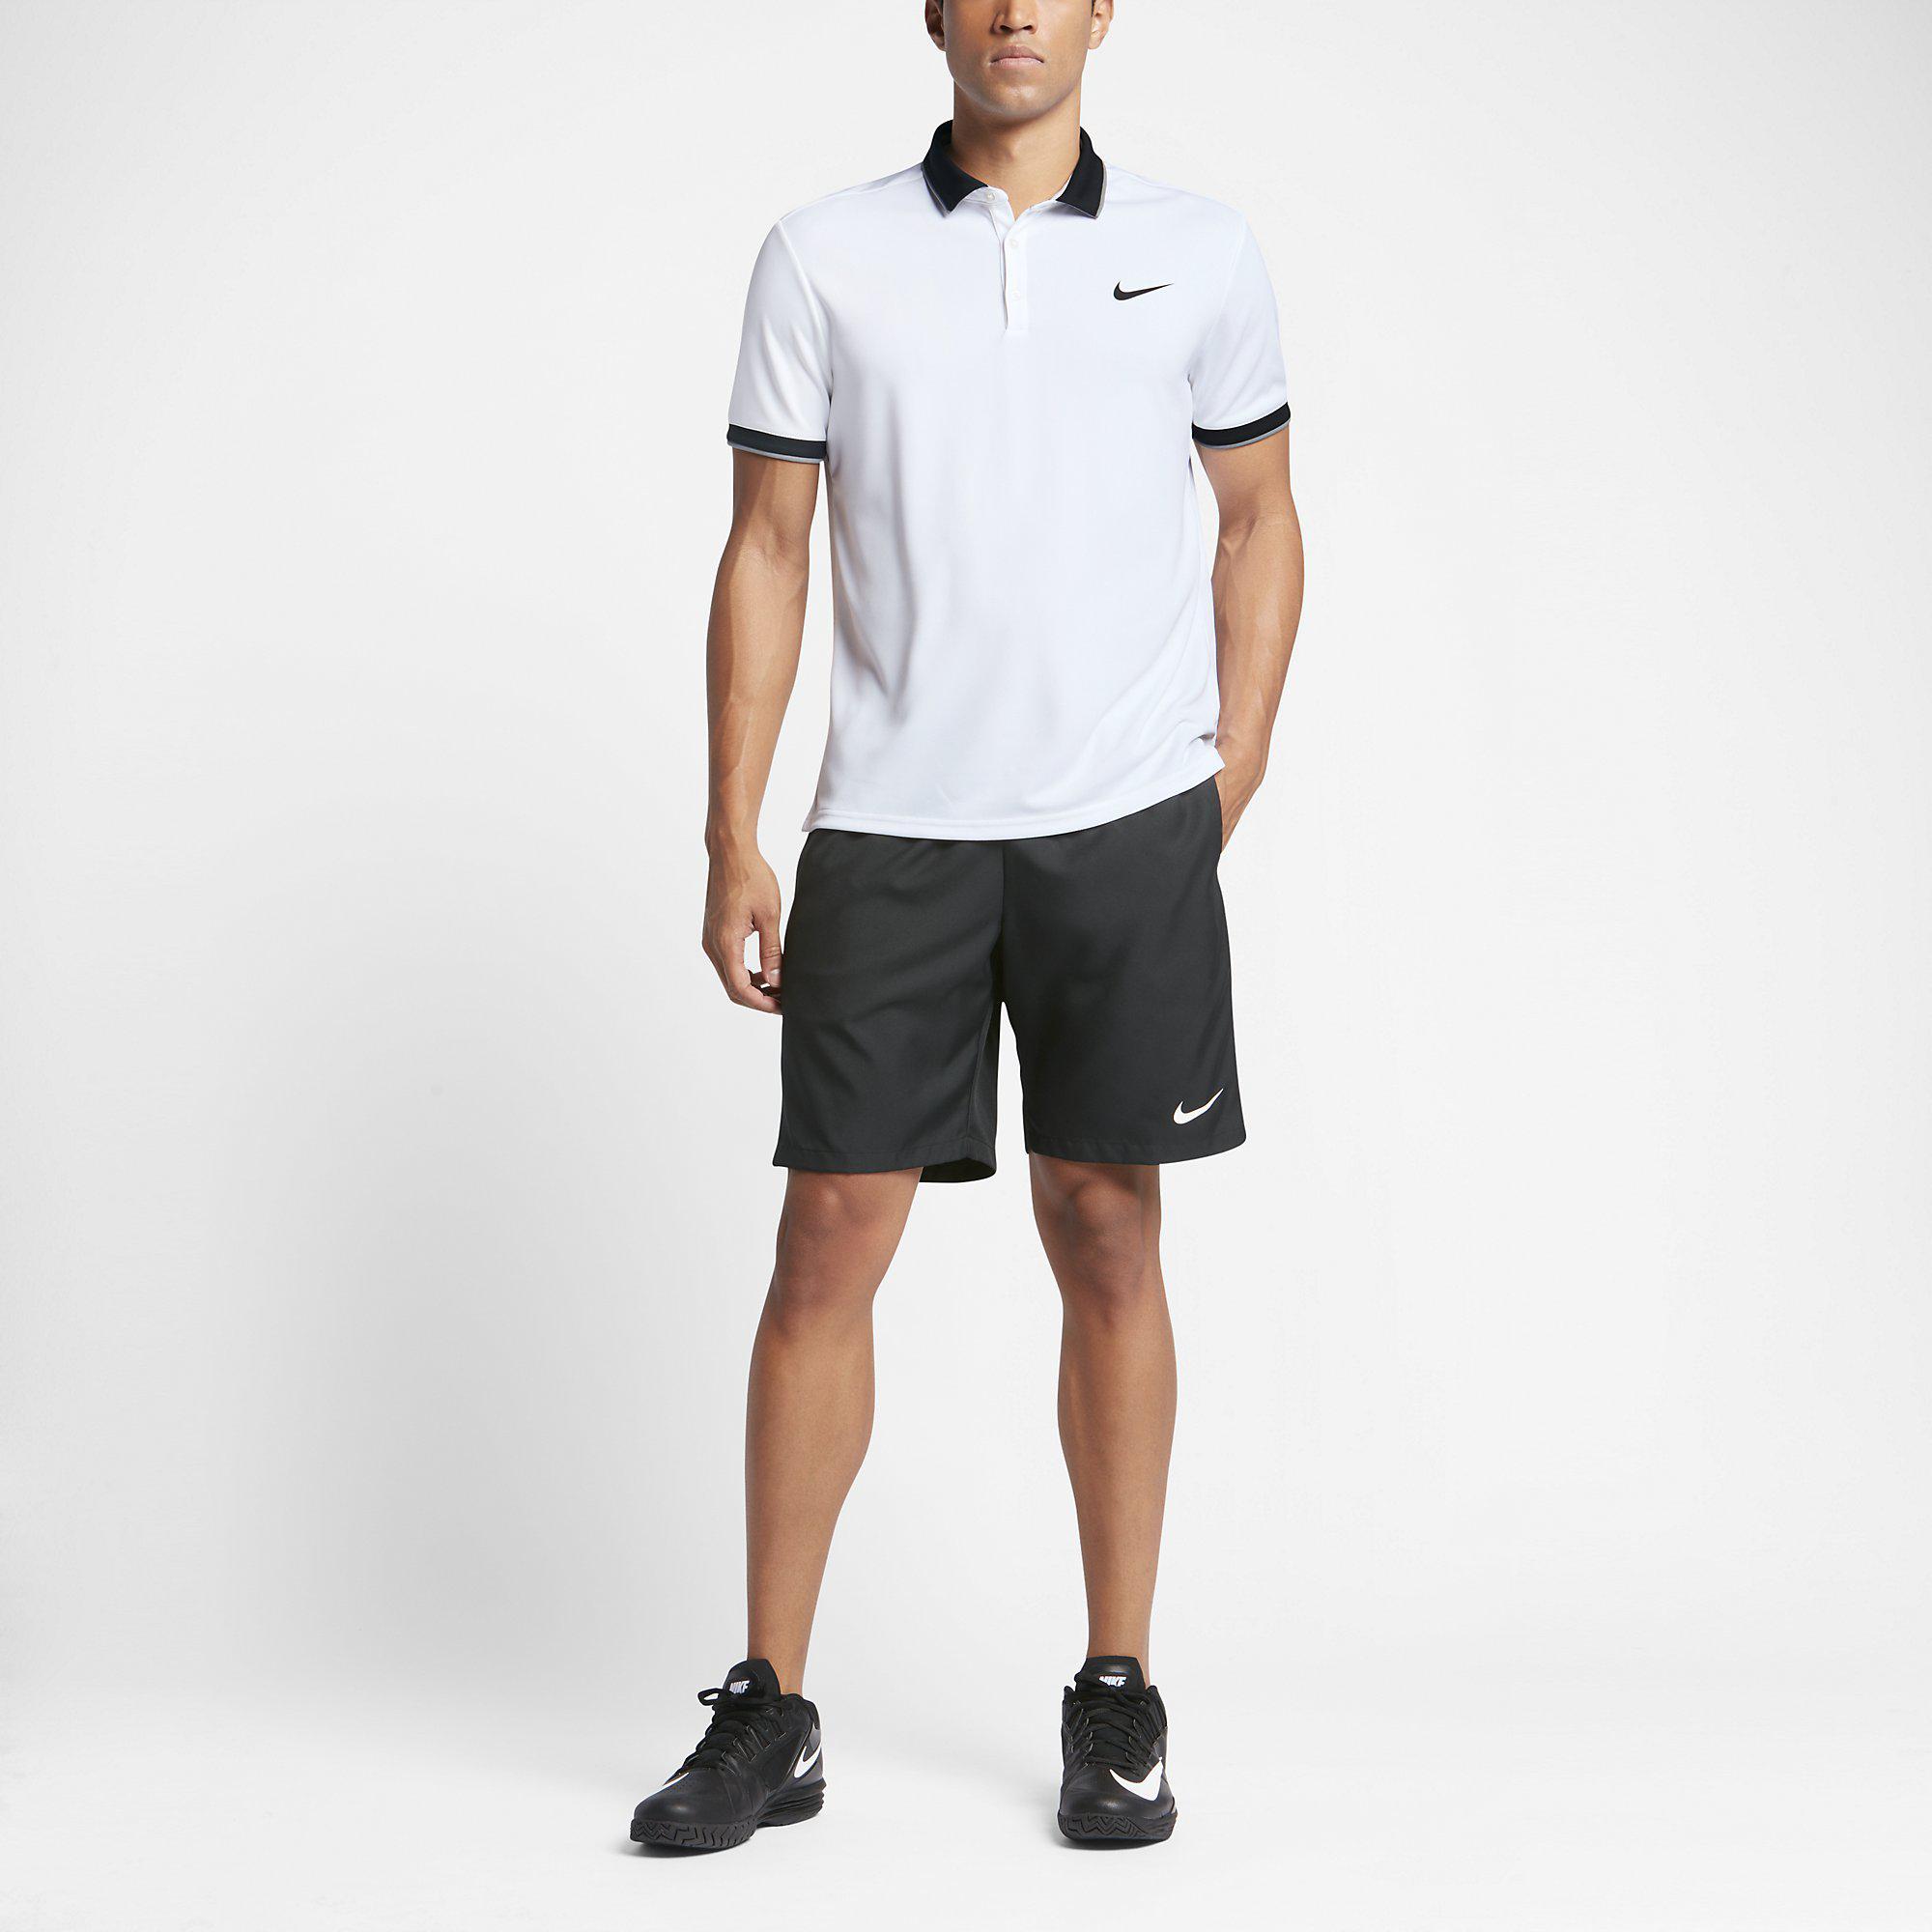 1a3a904fb Nike Mens Dry Tennis Polo - White/Black - Tennisnuts.com